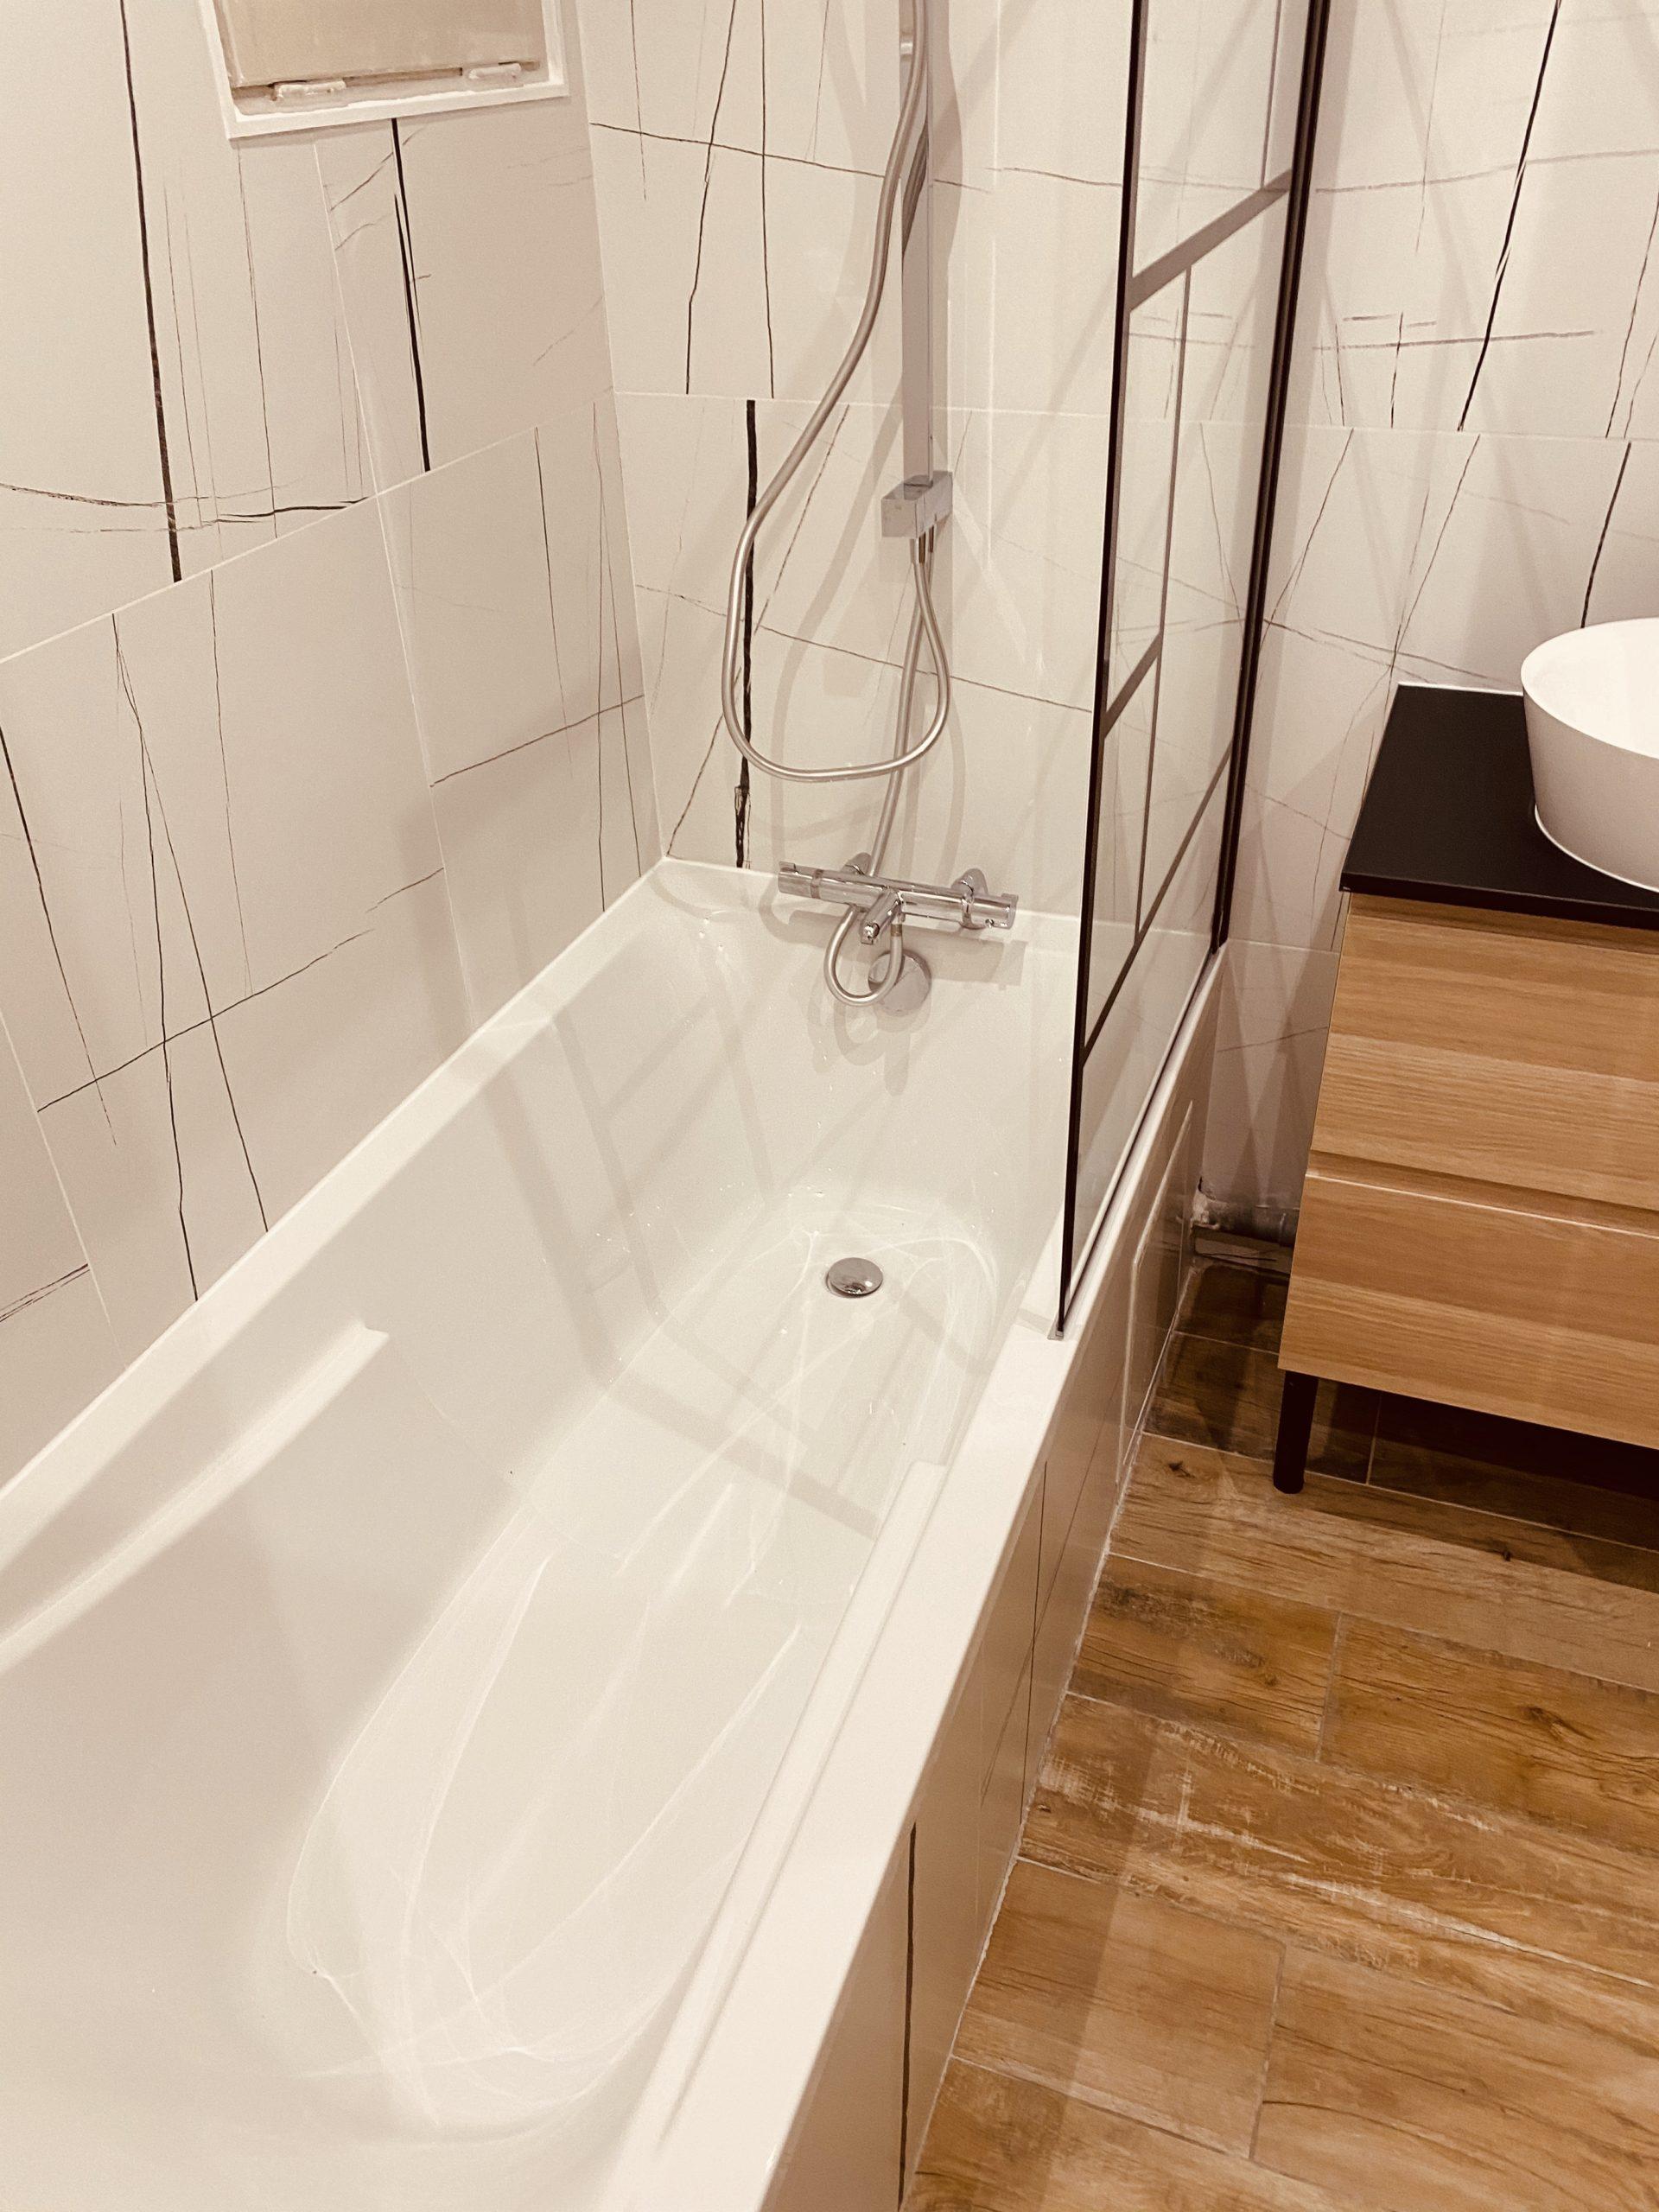 Réalisation Projet appartement particulier, travaux rénovation,Pauline Rudolf, Architecte d'intérieur, Lyon